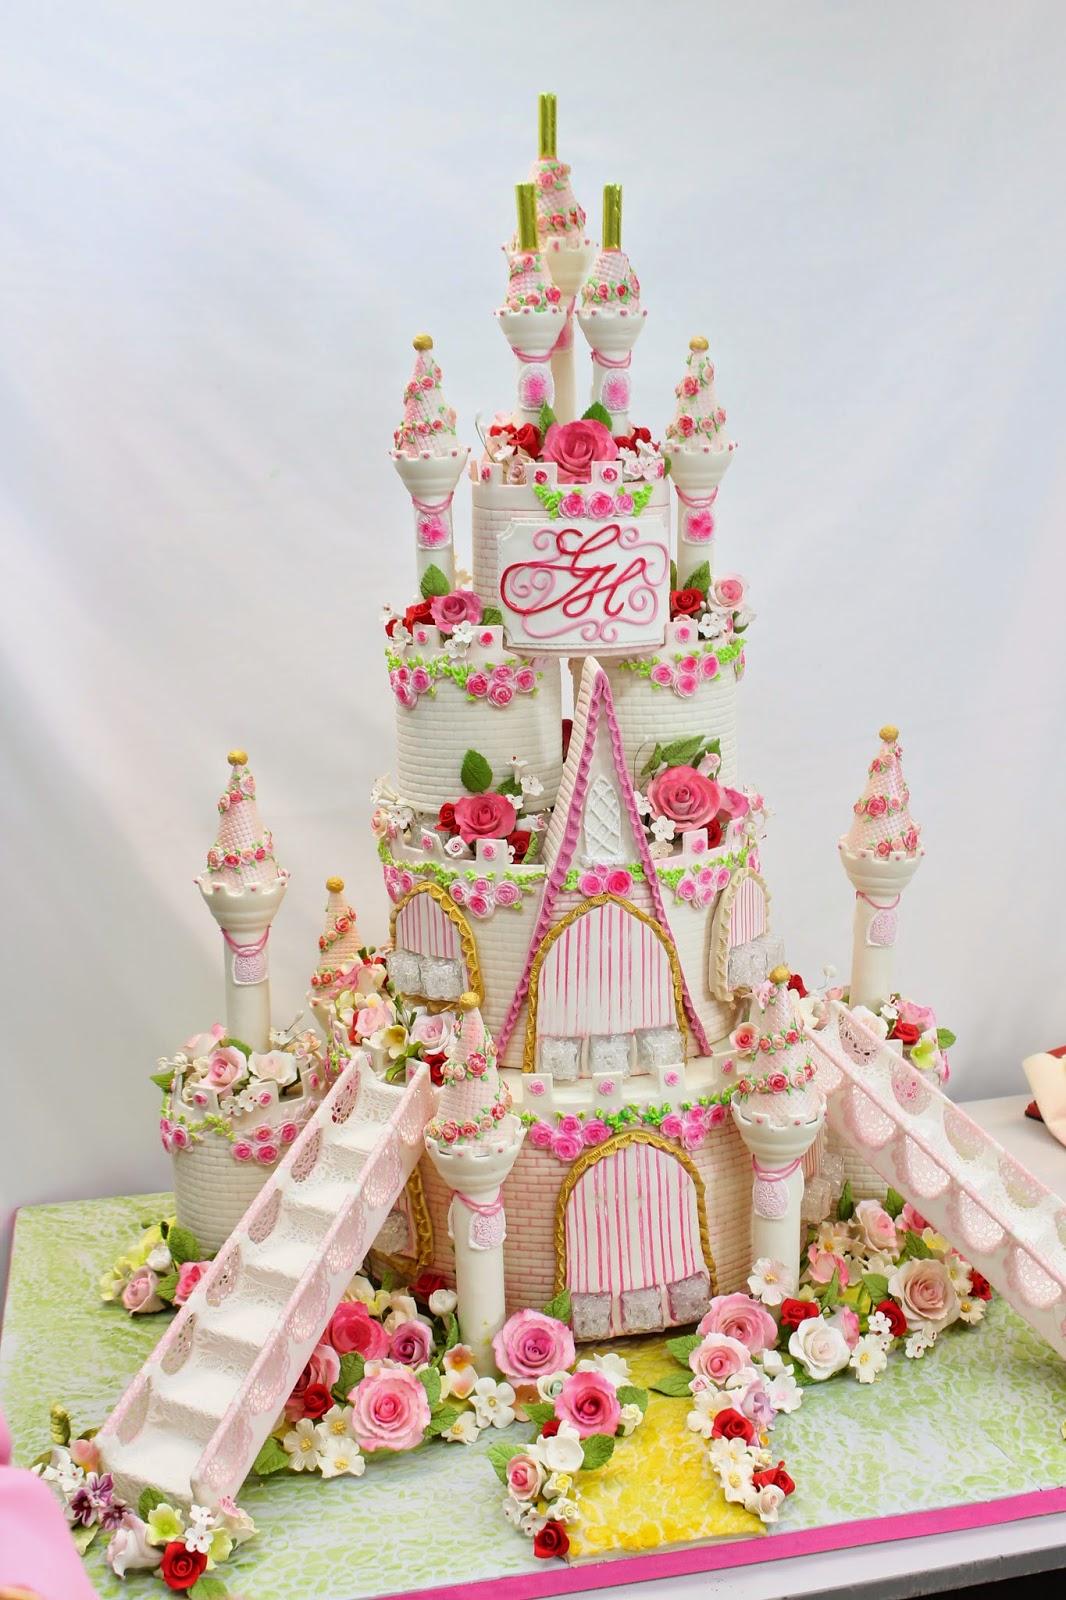 Complete Deelite Royal Castle Cakes